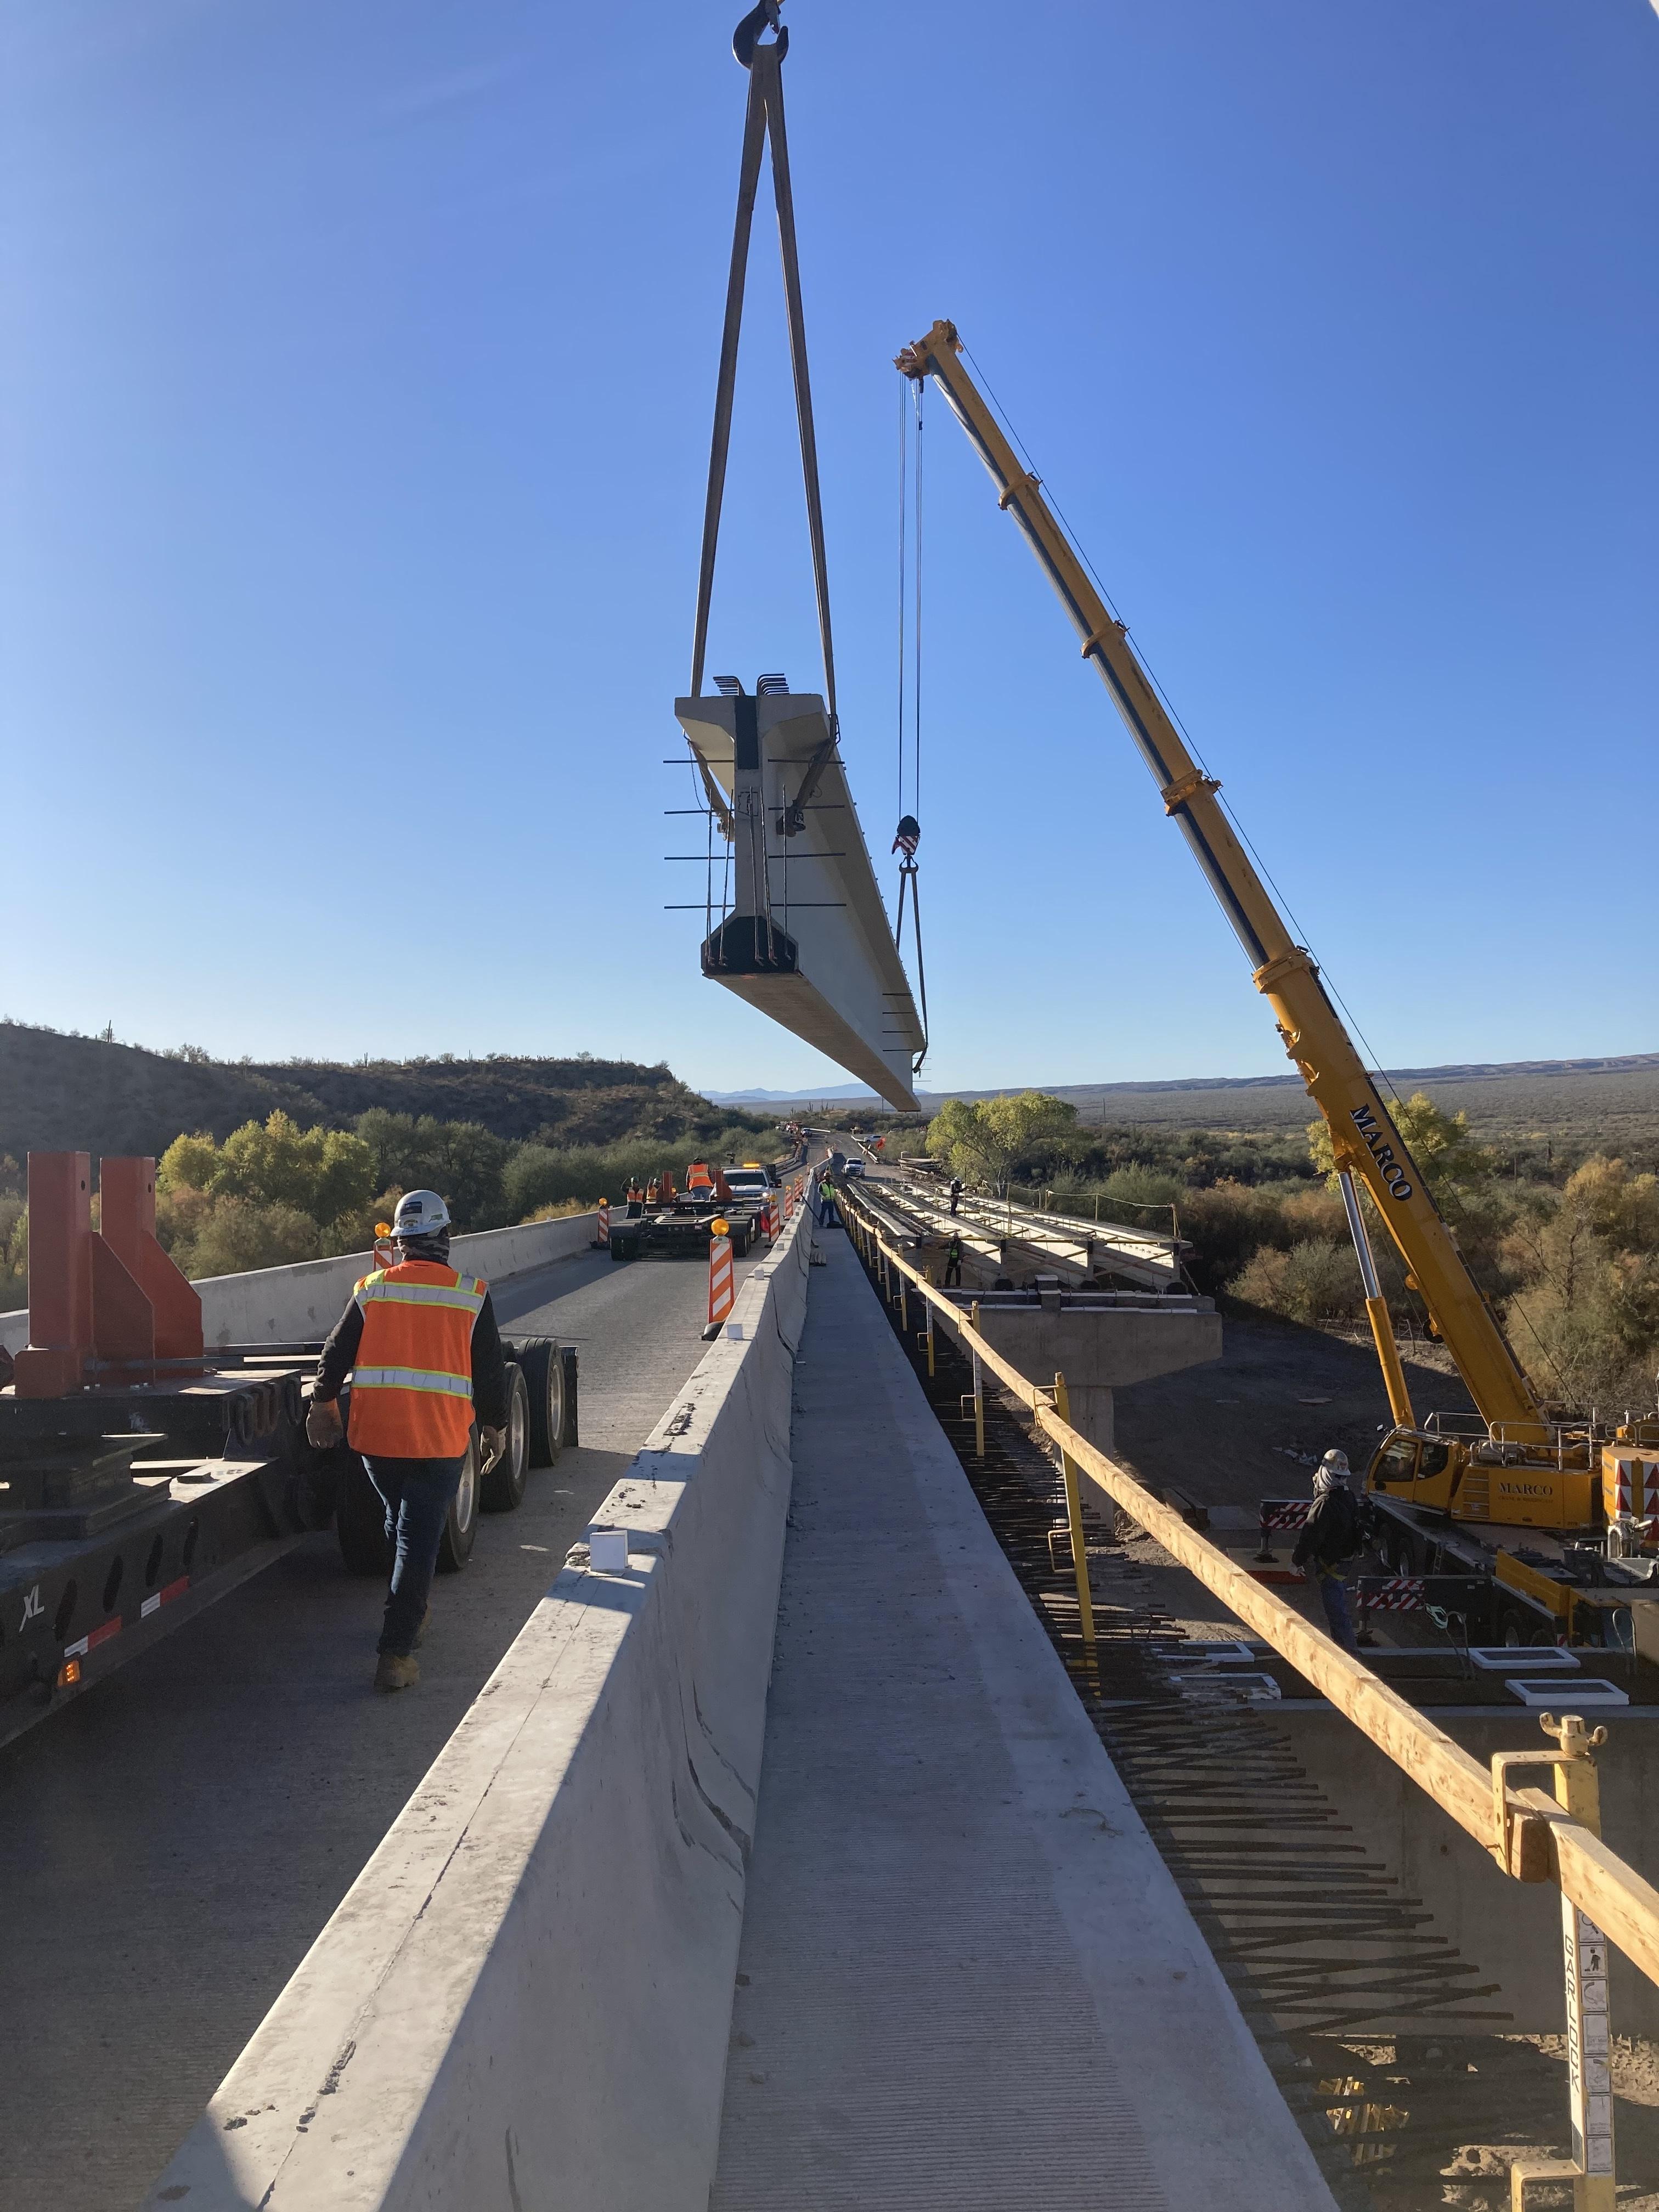 Winkelman bridge girder placement